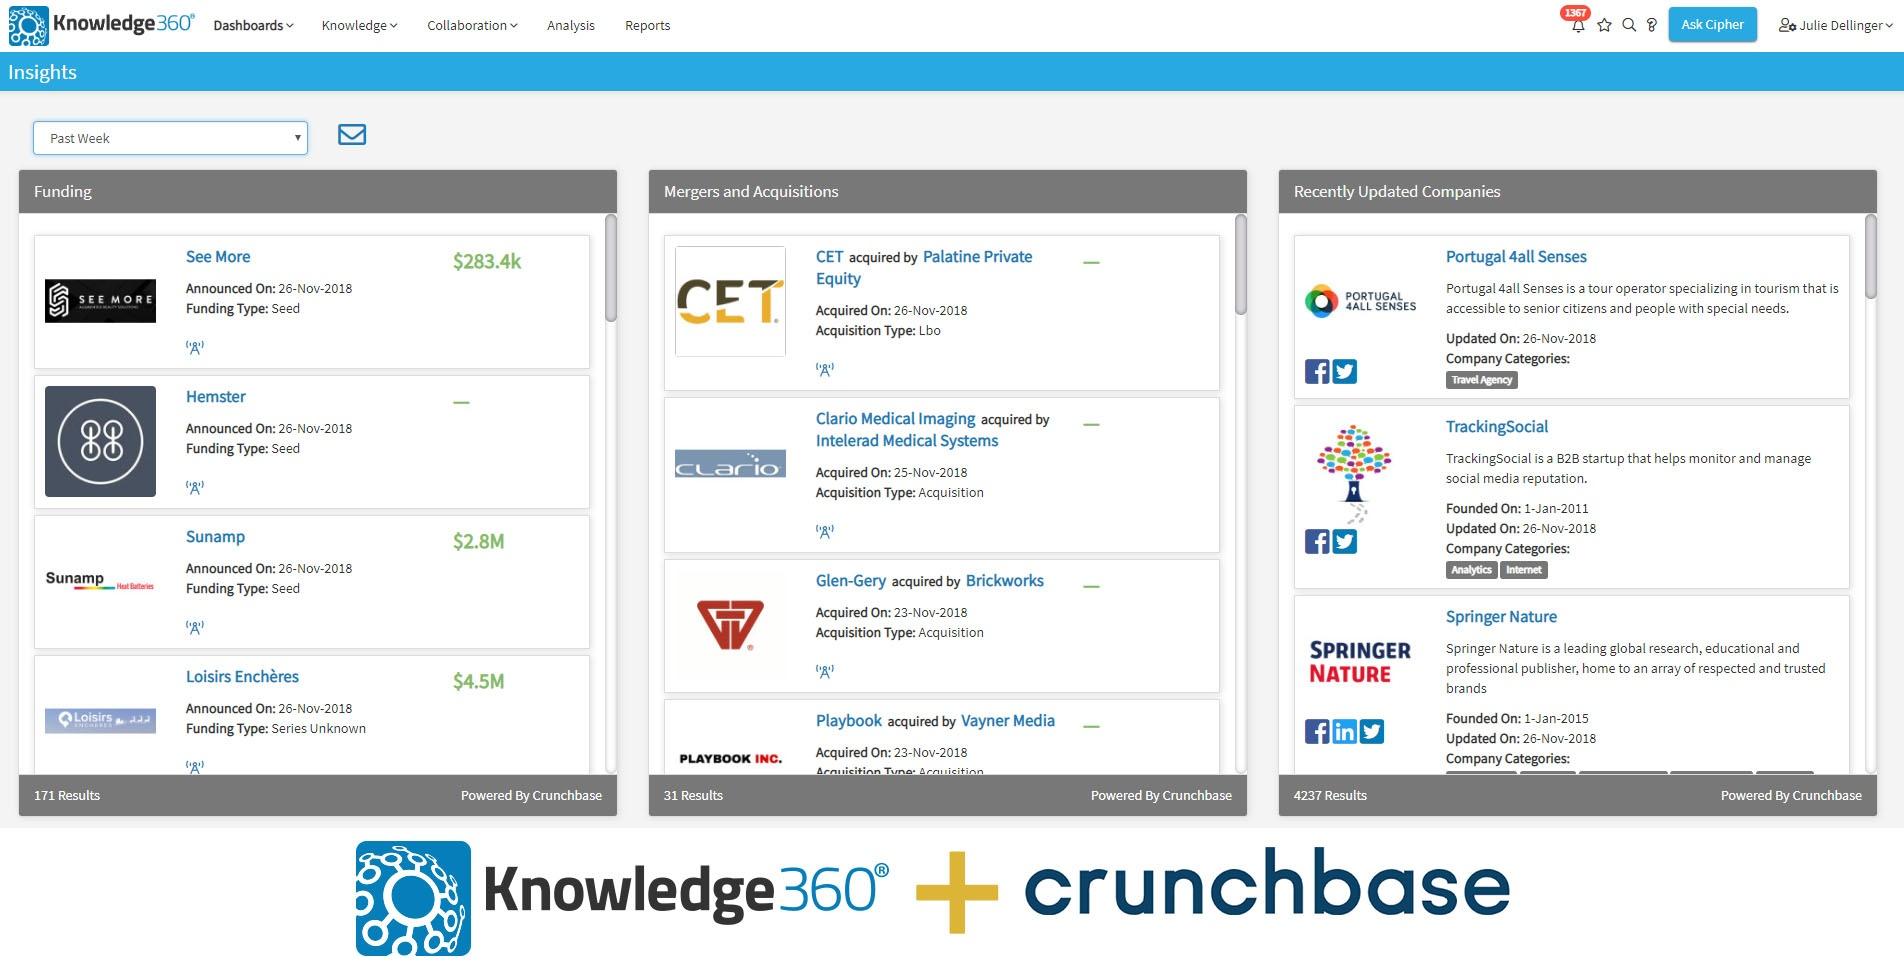 Crunchbase Integration Promo